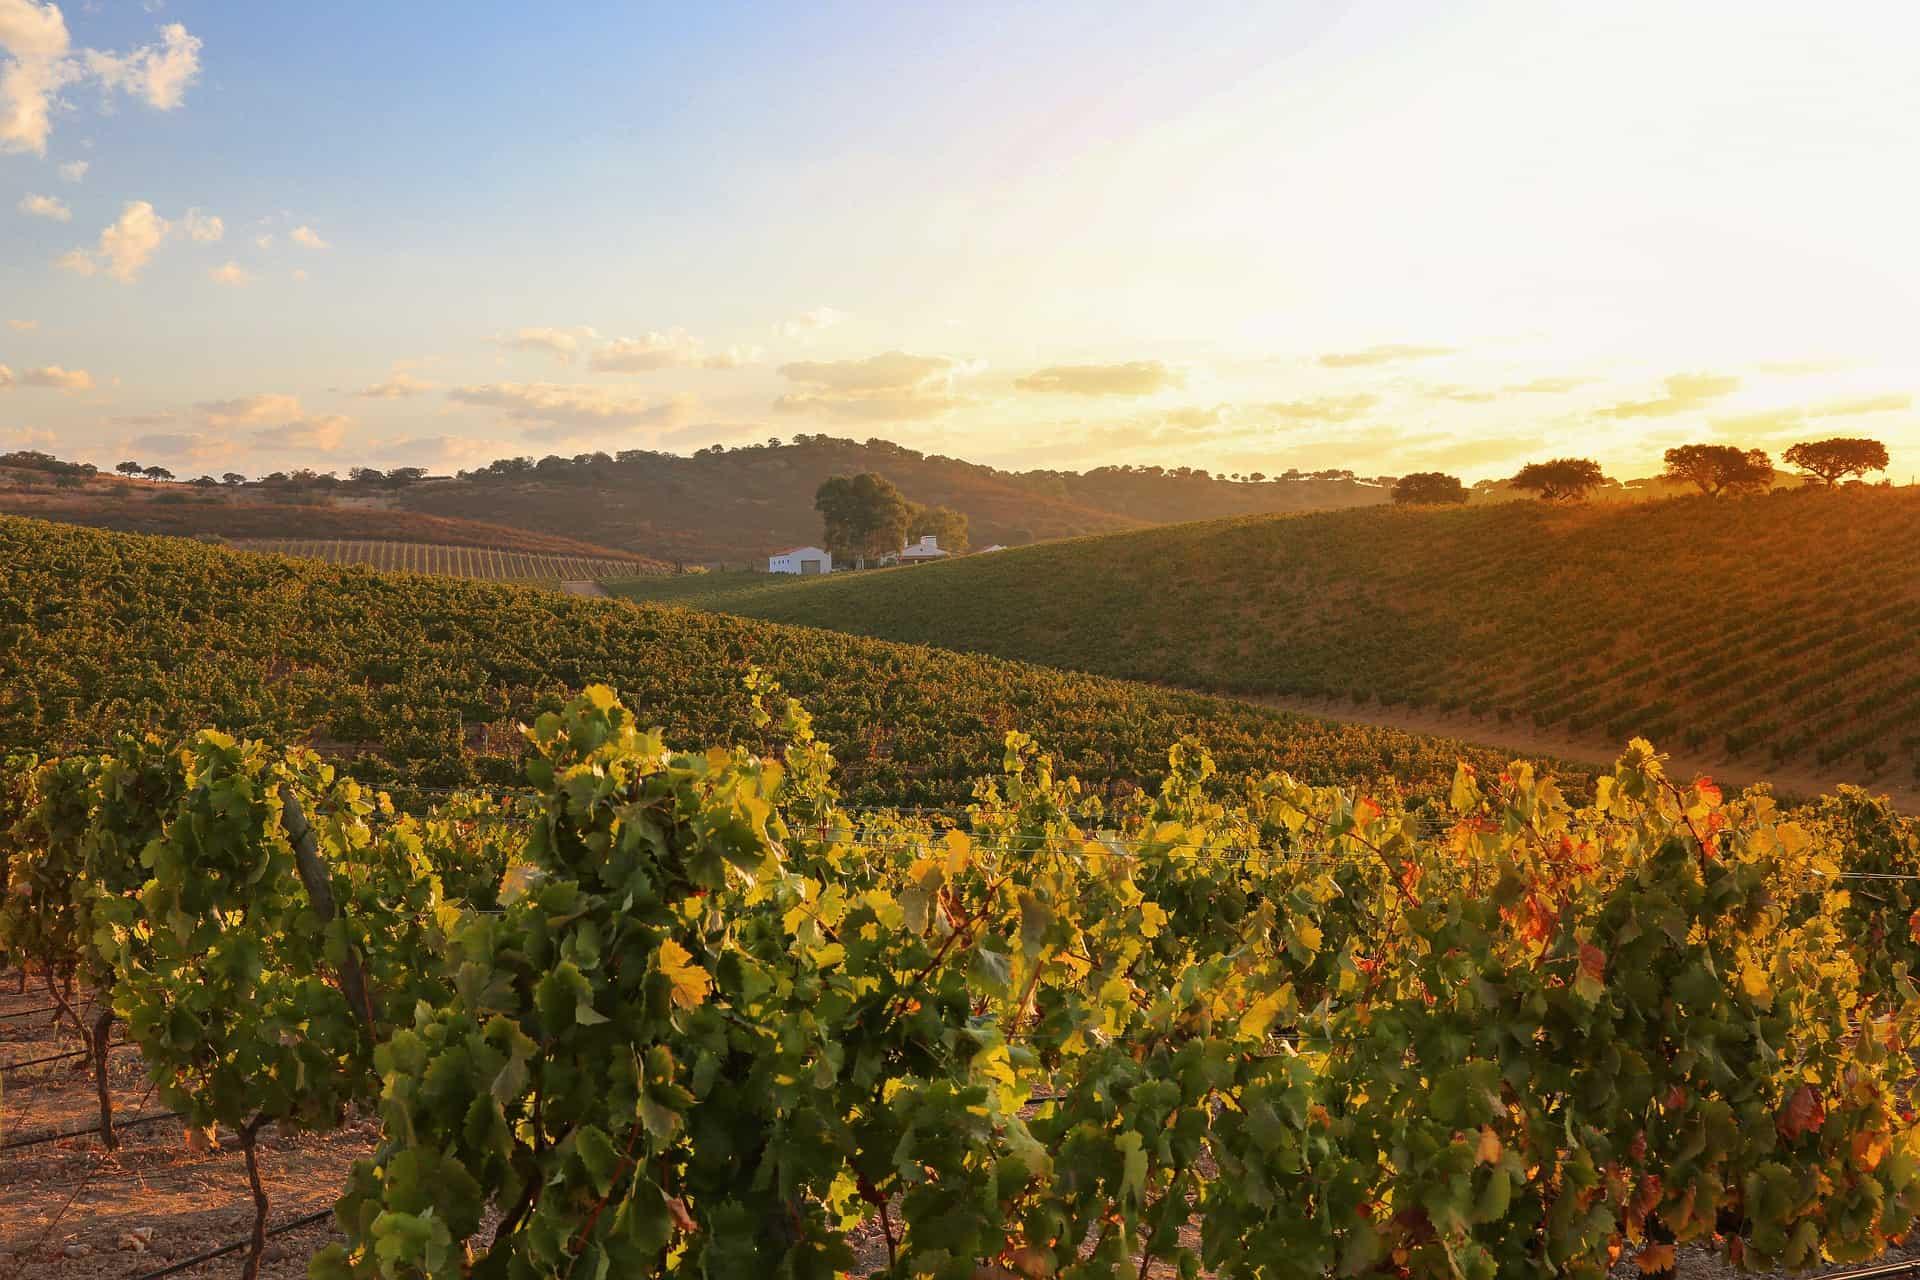 A winery in Alentejo